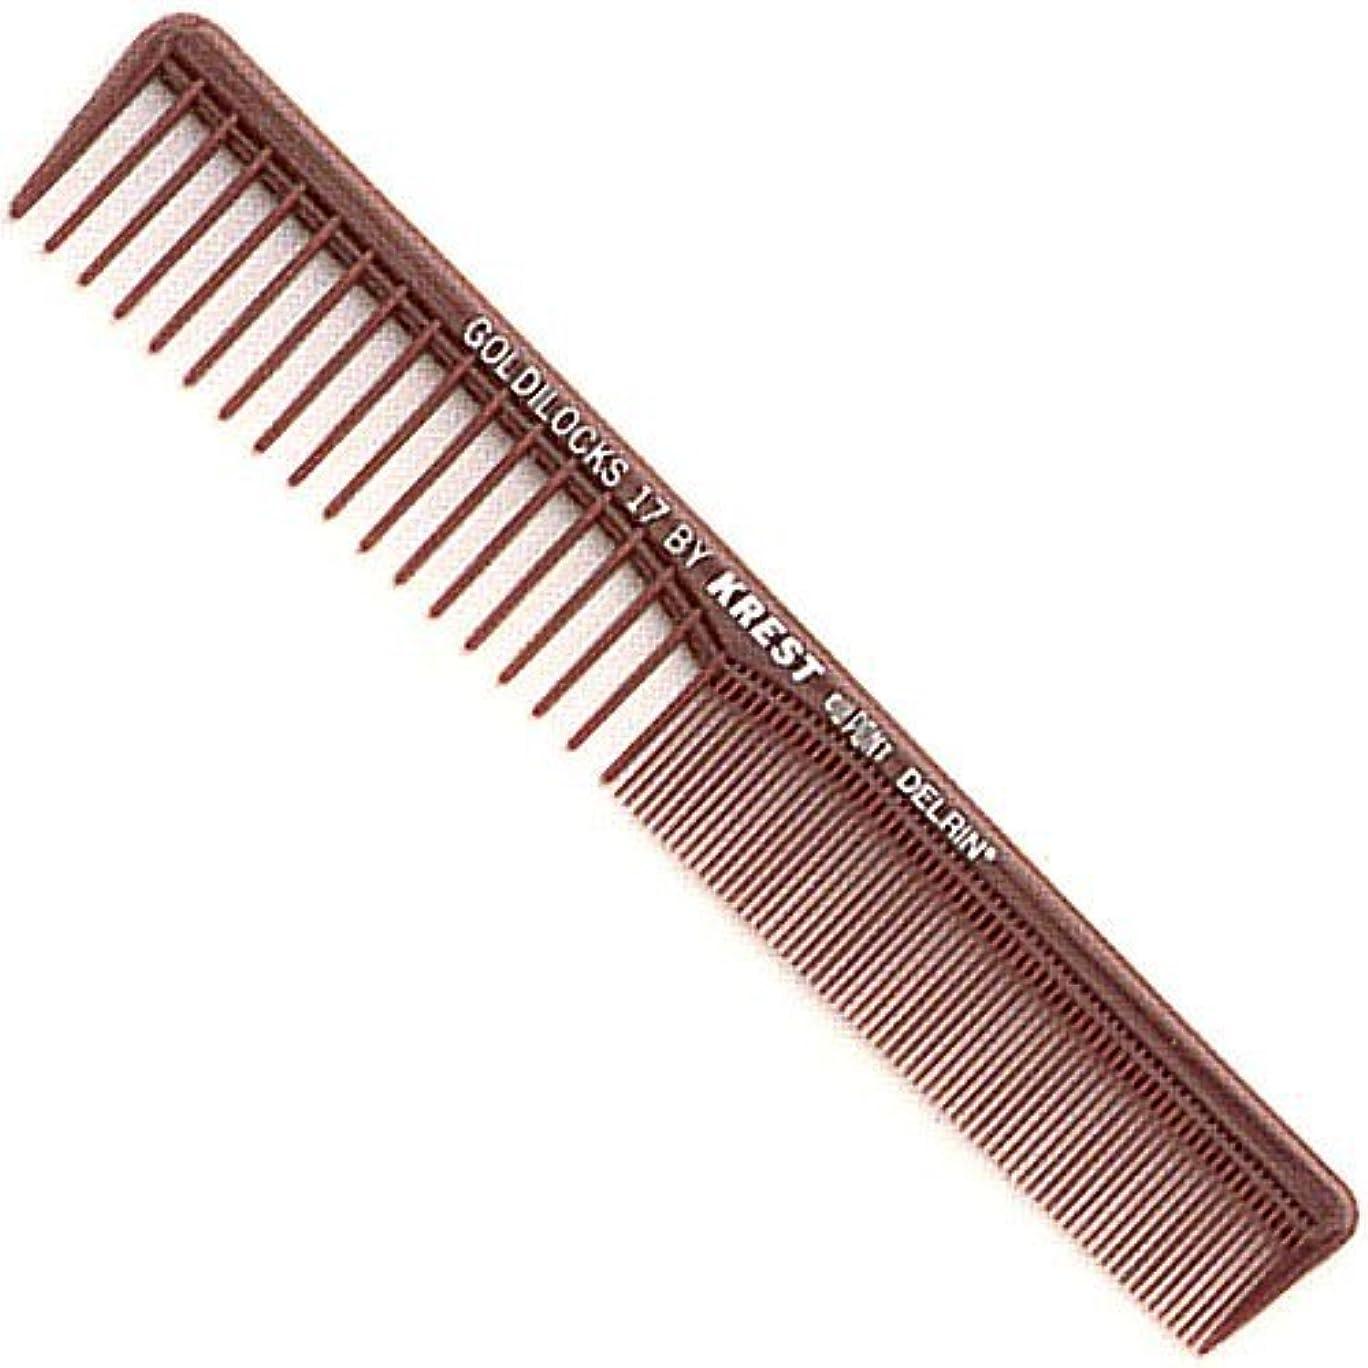 不道徳適格泥Krest Combs Goldilocks Space Tooth Fine Tooth Styler Comb 7